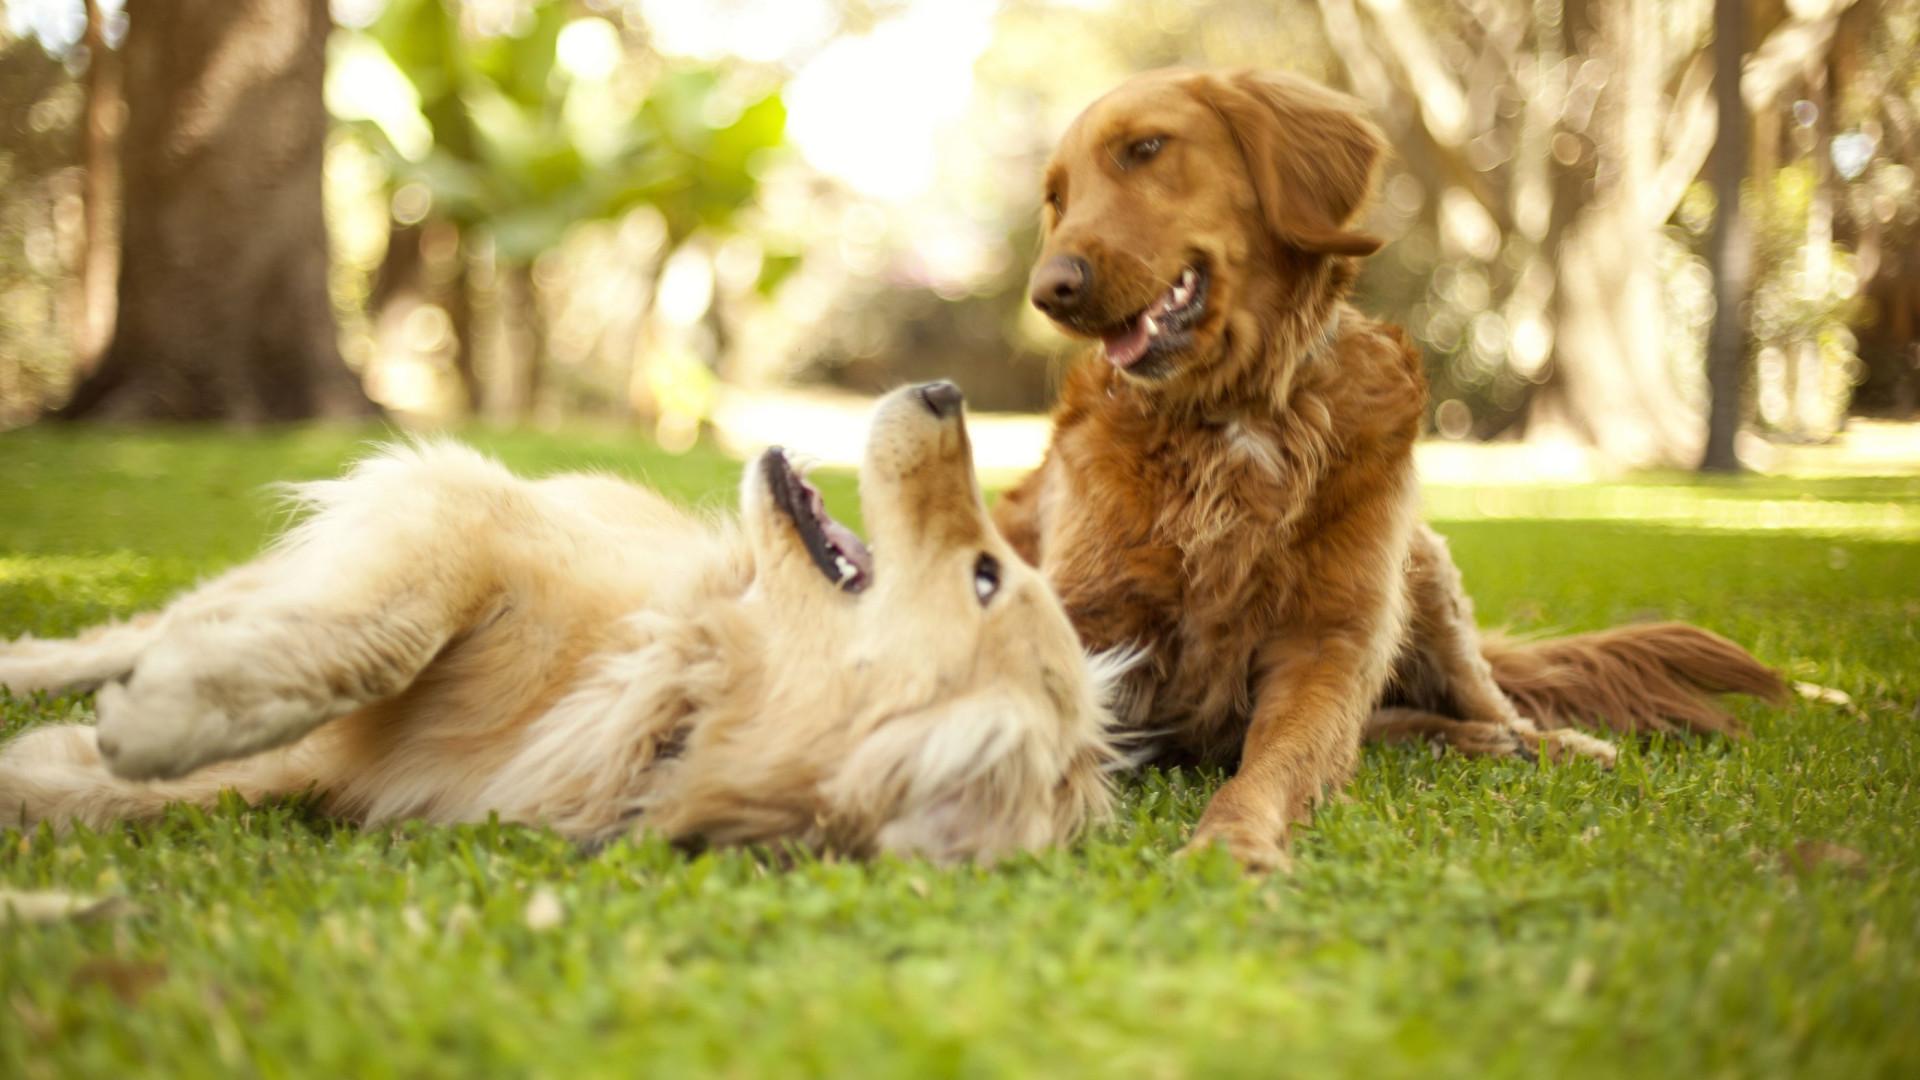 Ginja Maria lança série de workshops para cães no Algarve